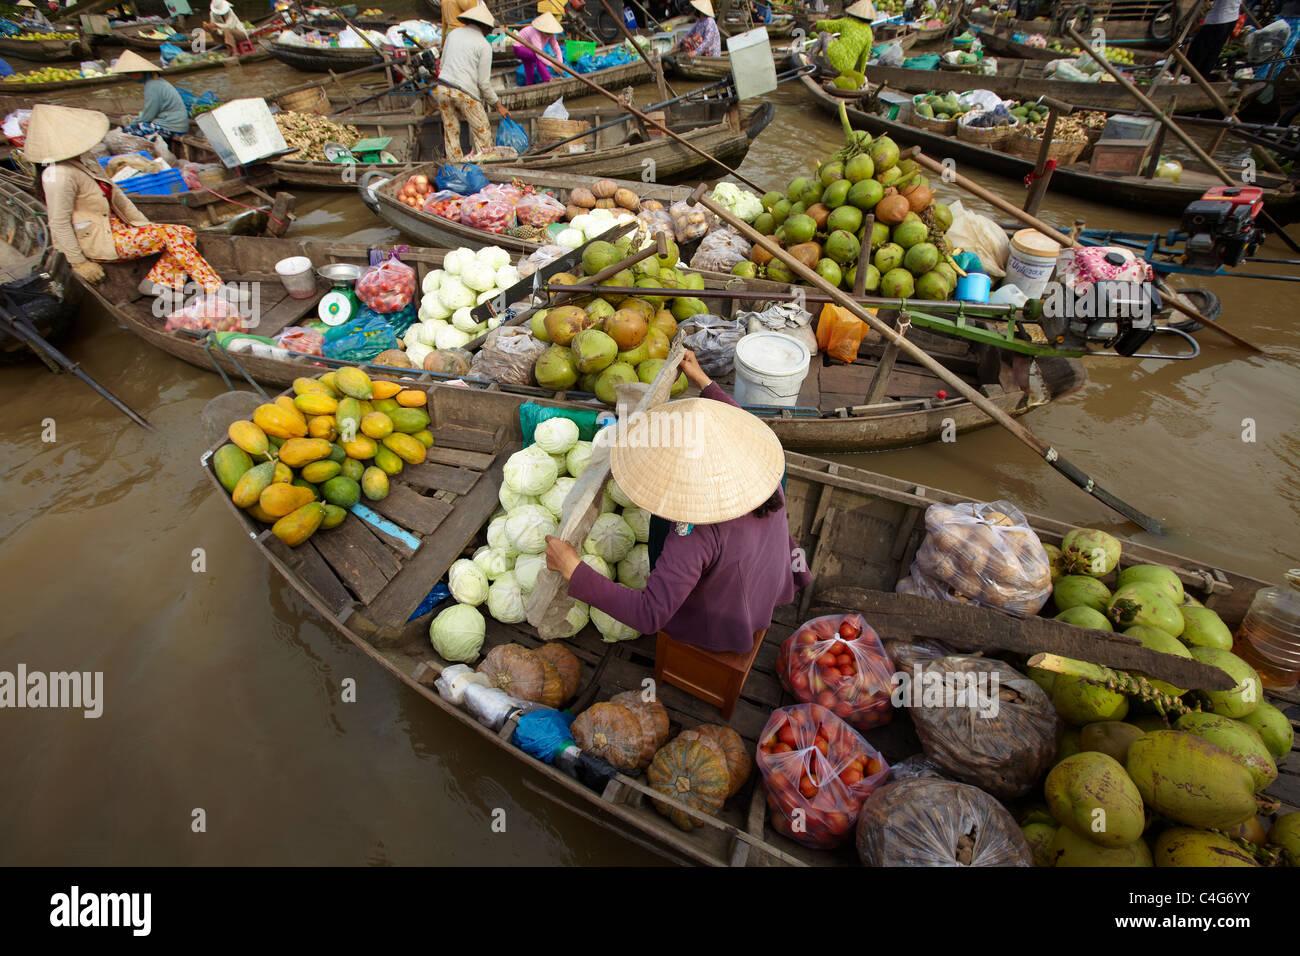 Le marché flottant nr Can Tho, Delta du Mékong, Vietnam Photo Stock